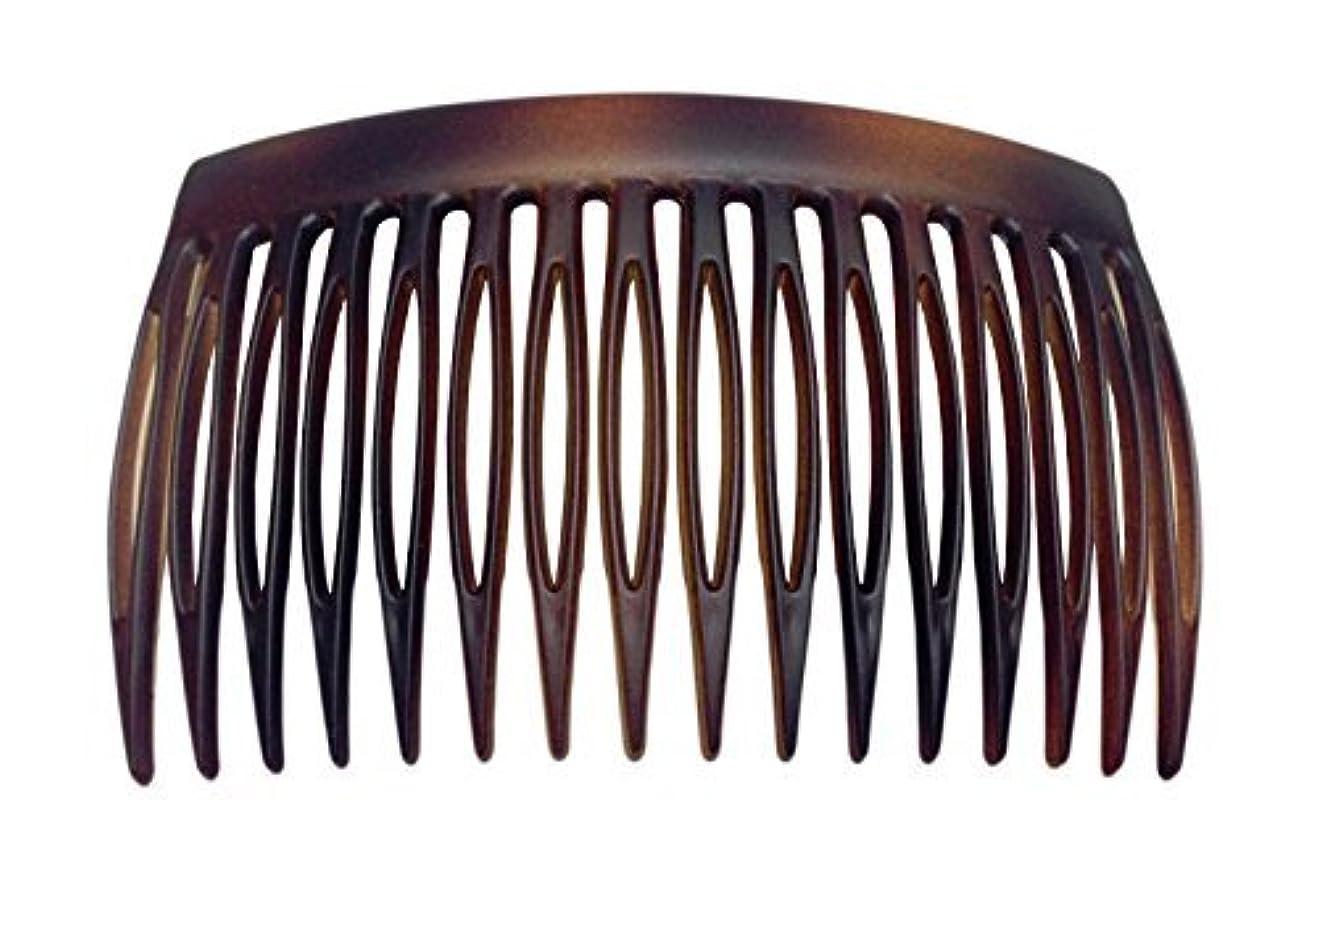 インタラクション思いやりカバレッジParcelona French 2 Pieces Matte Finish Celluloid Shell Good Grip 16 Teeth Hair Side Combs -2.75 Inch (2 Pcs) [...